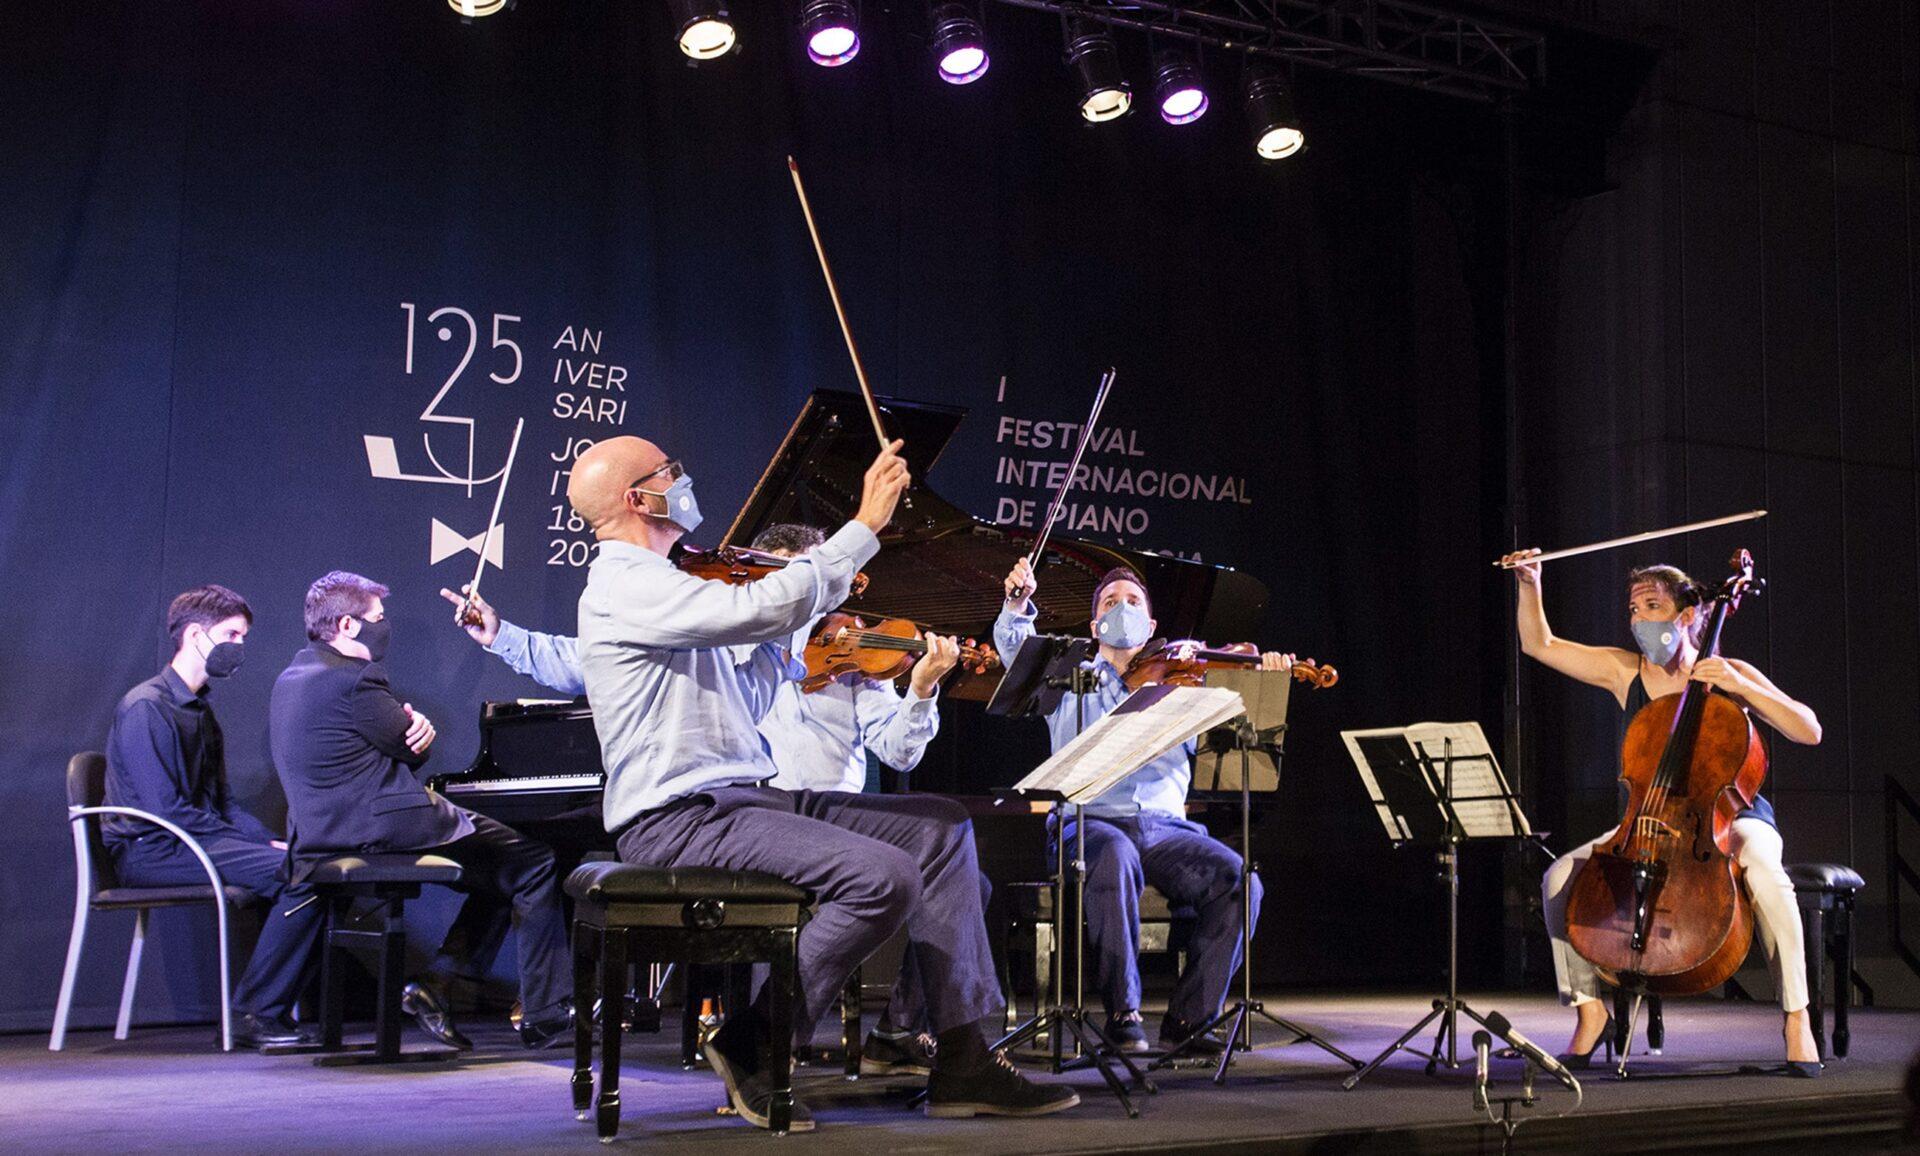 Crítica: Festival de Piano Iturbi. Sortilegios de la noche otoñal